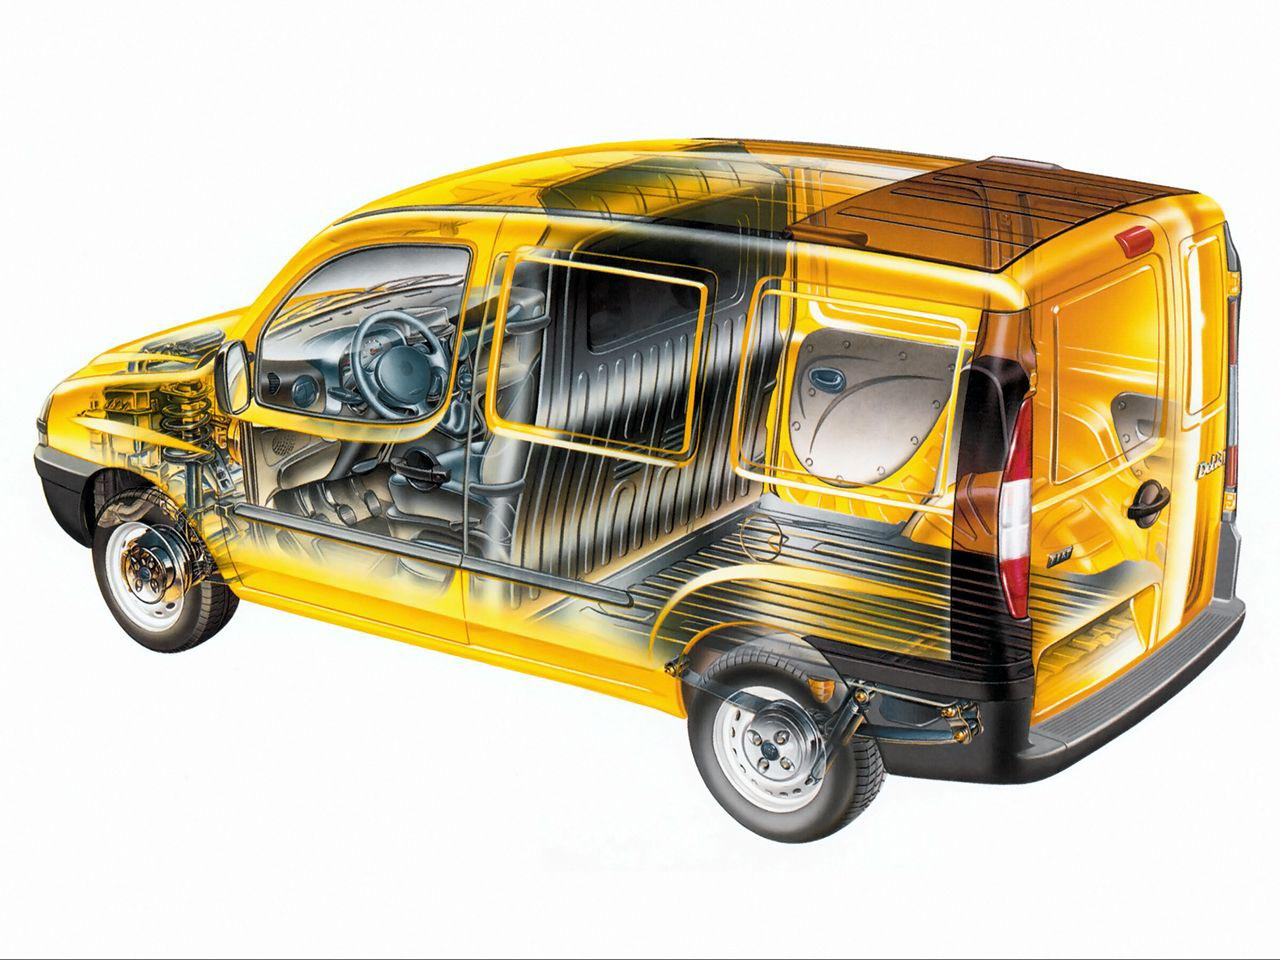 Fiat Doblo cutaway drawing